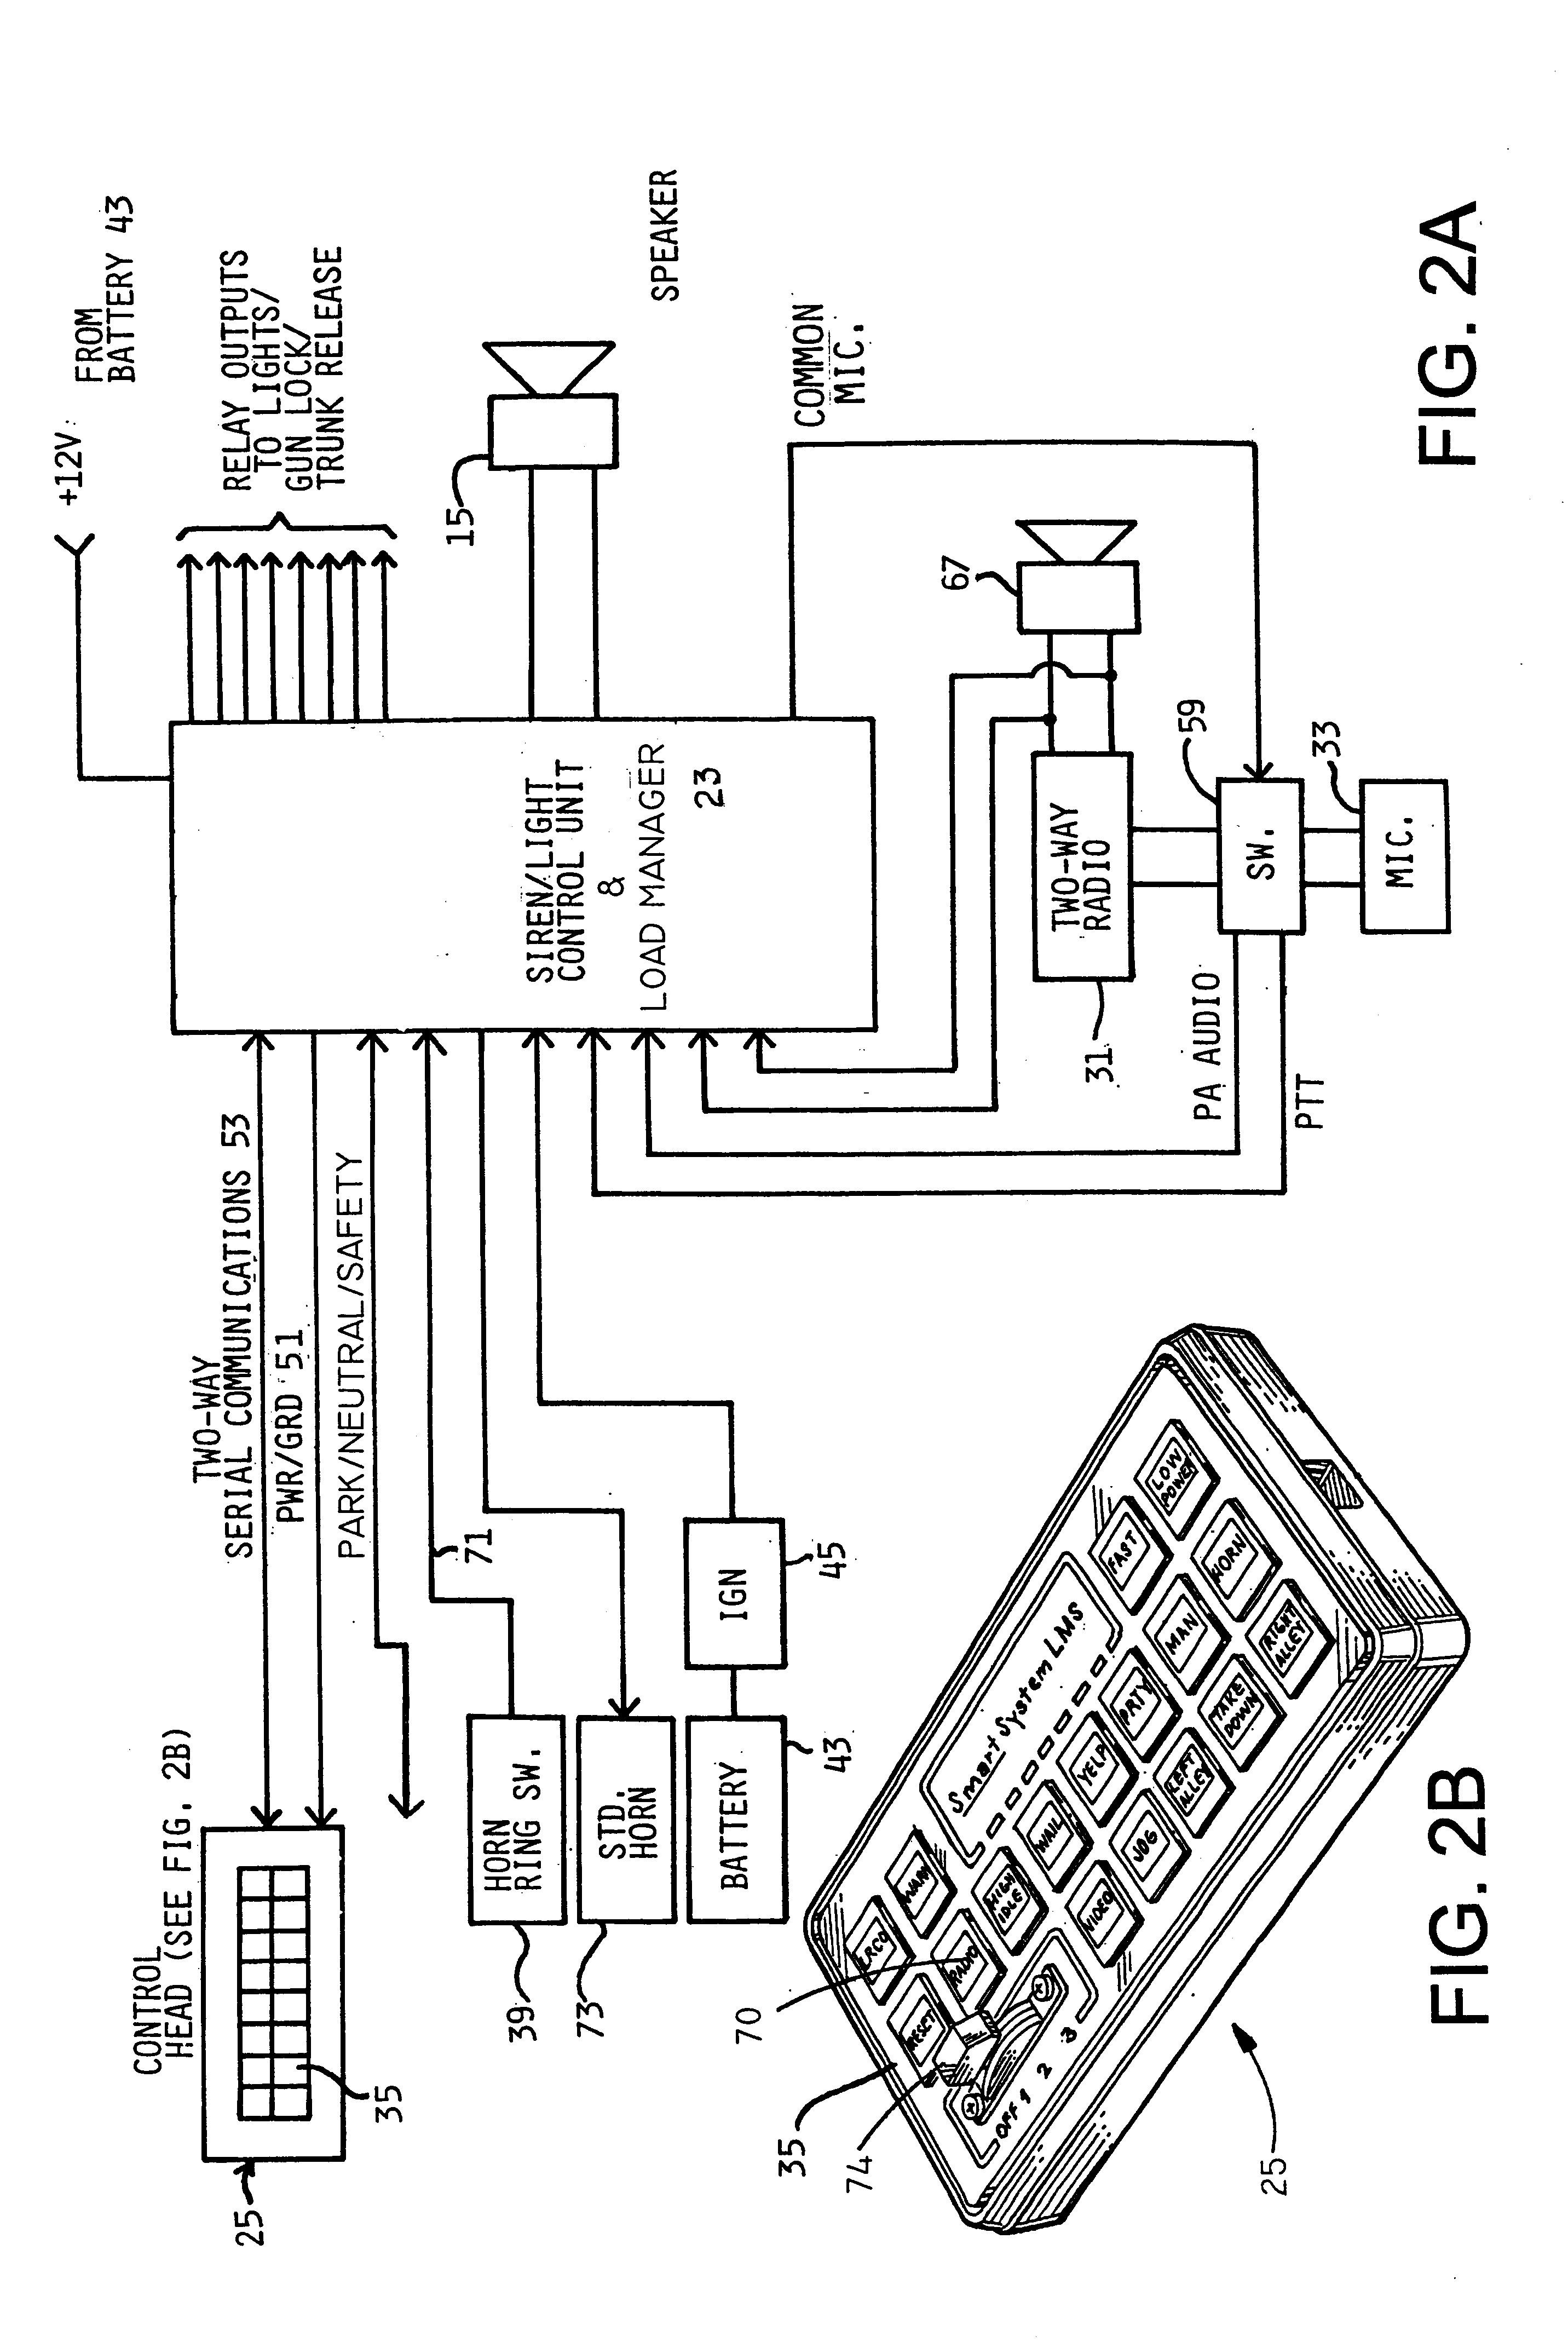 whelen liberty wiring schematics